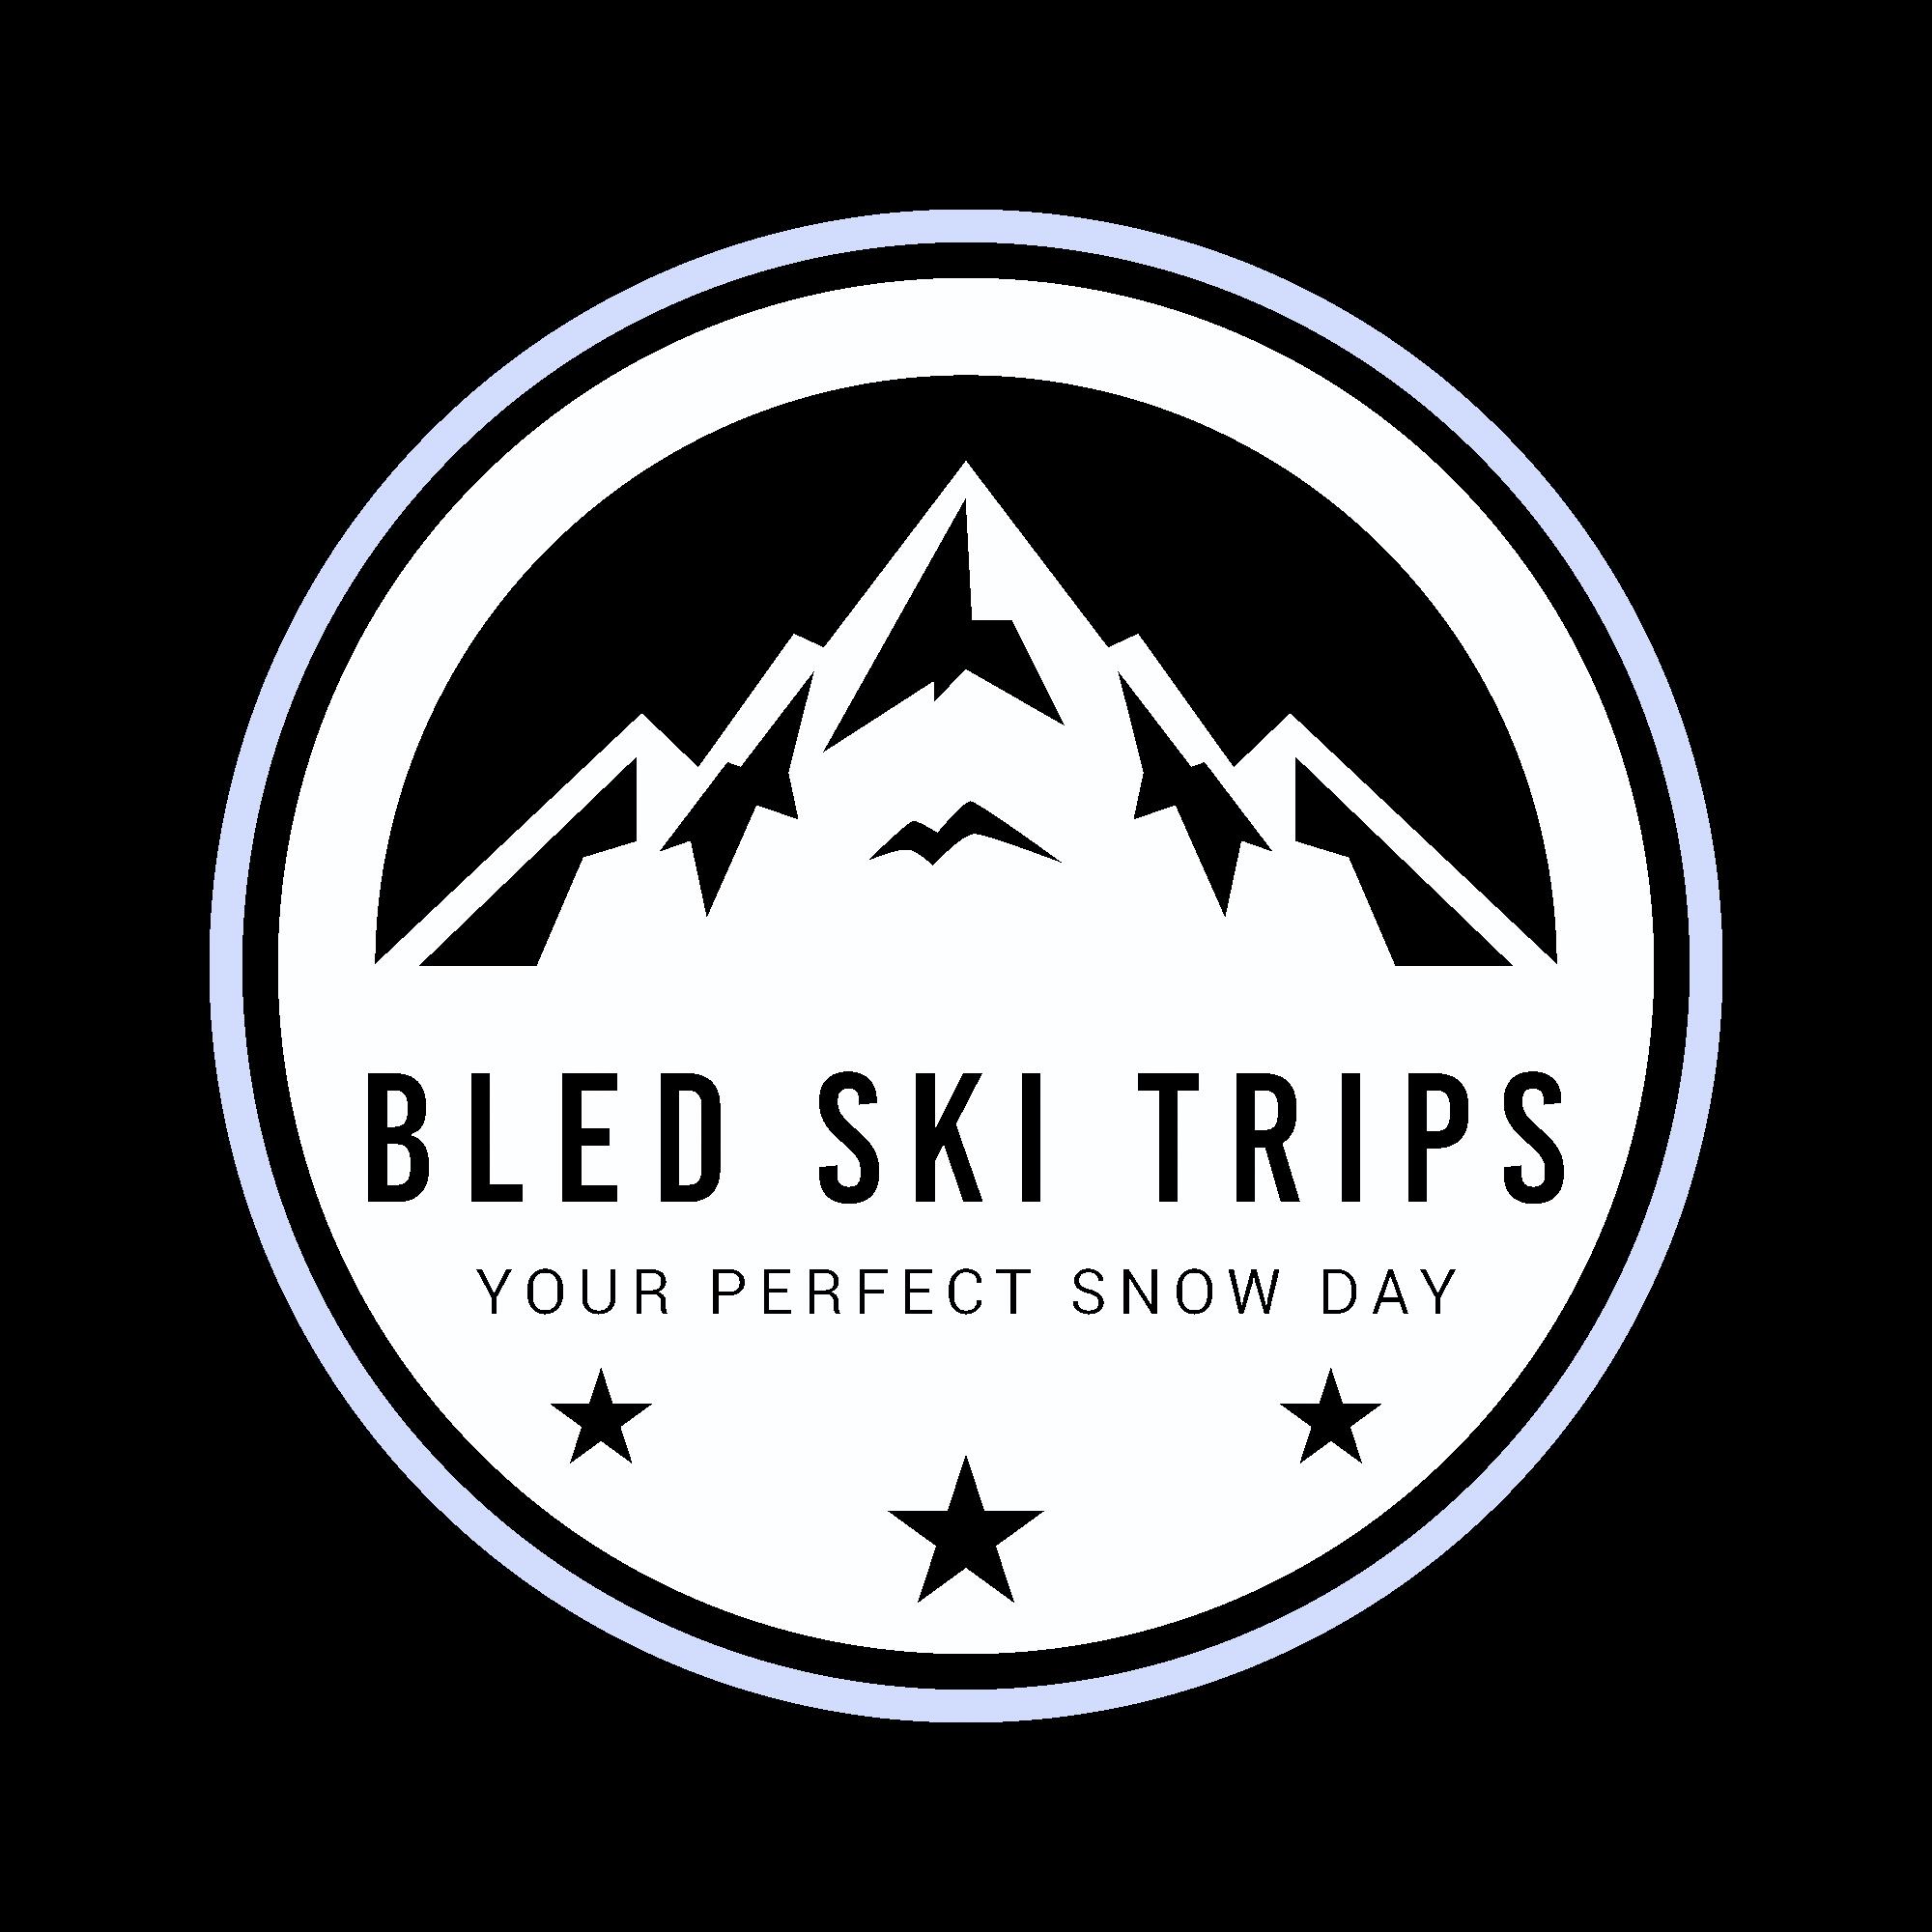 Bled Ski Trips